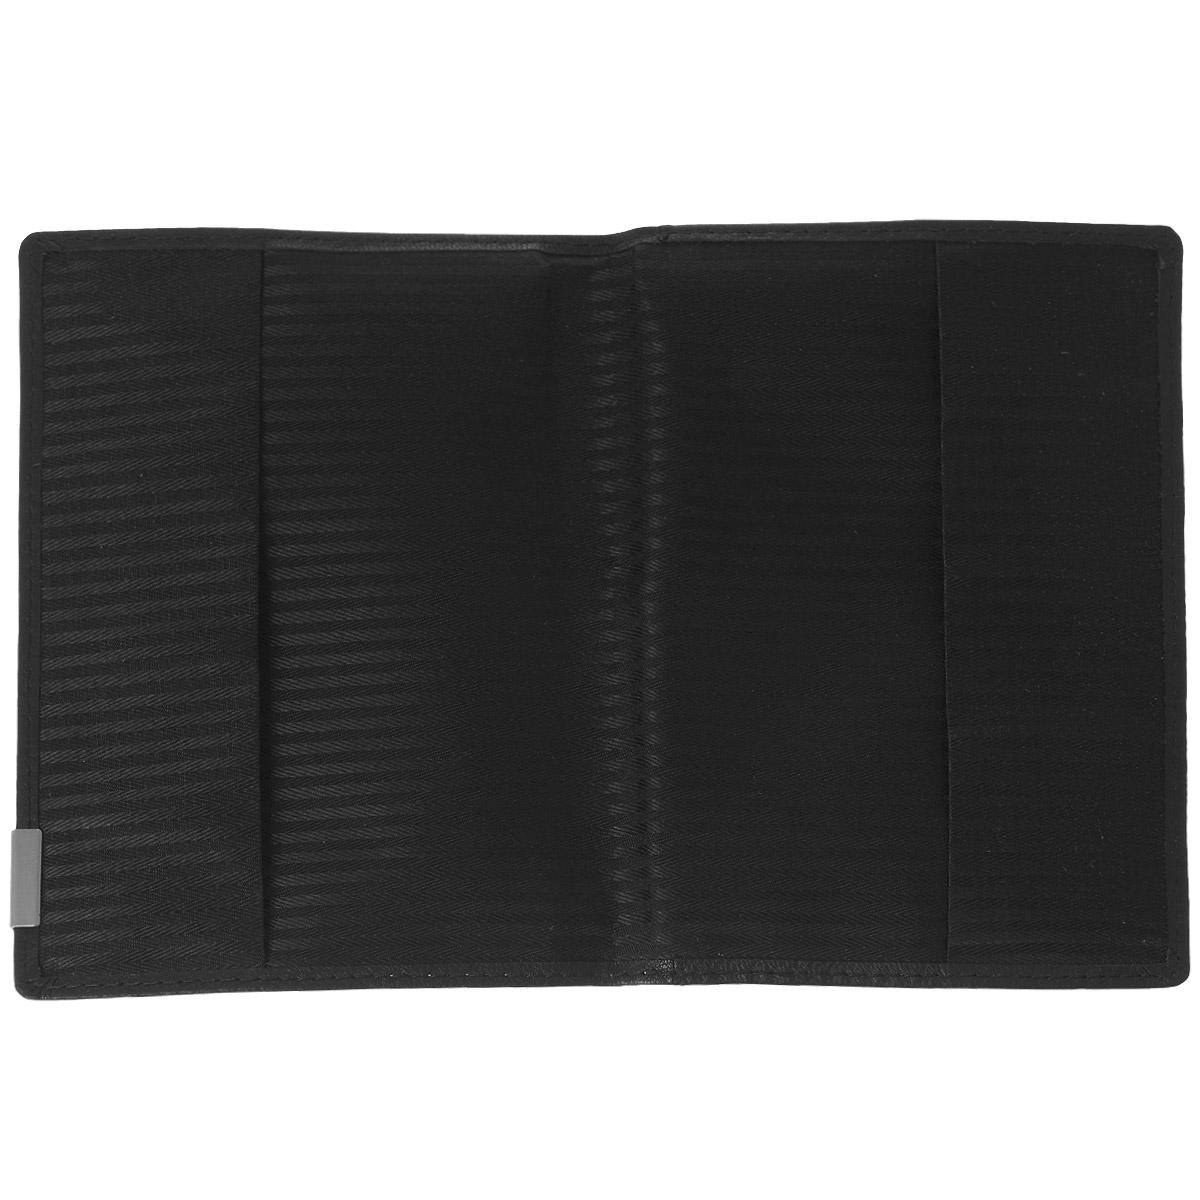 """Обложка для паспорта """"Bodenschatz"""", цвет: черный. 8-724/01 ( 8-724/01 )"""